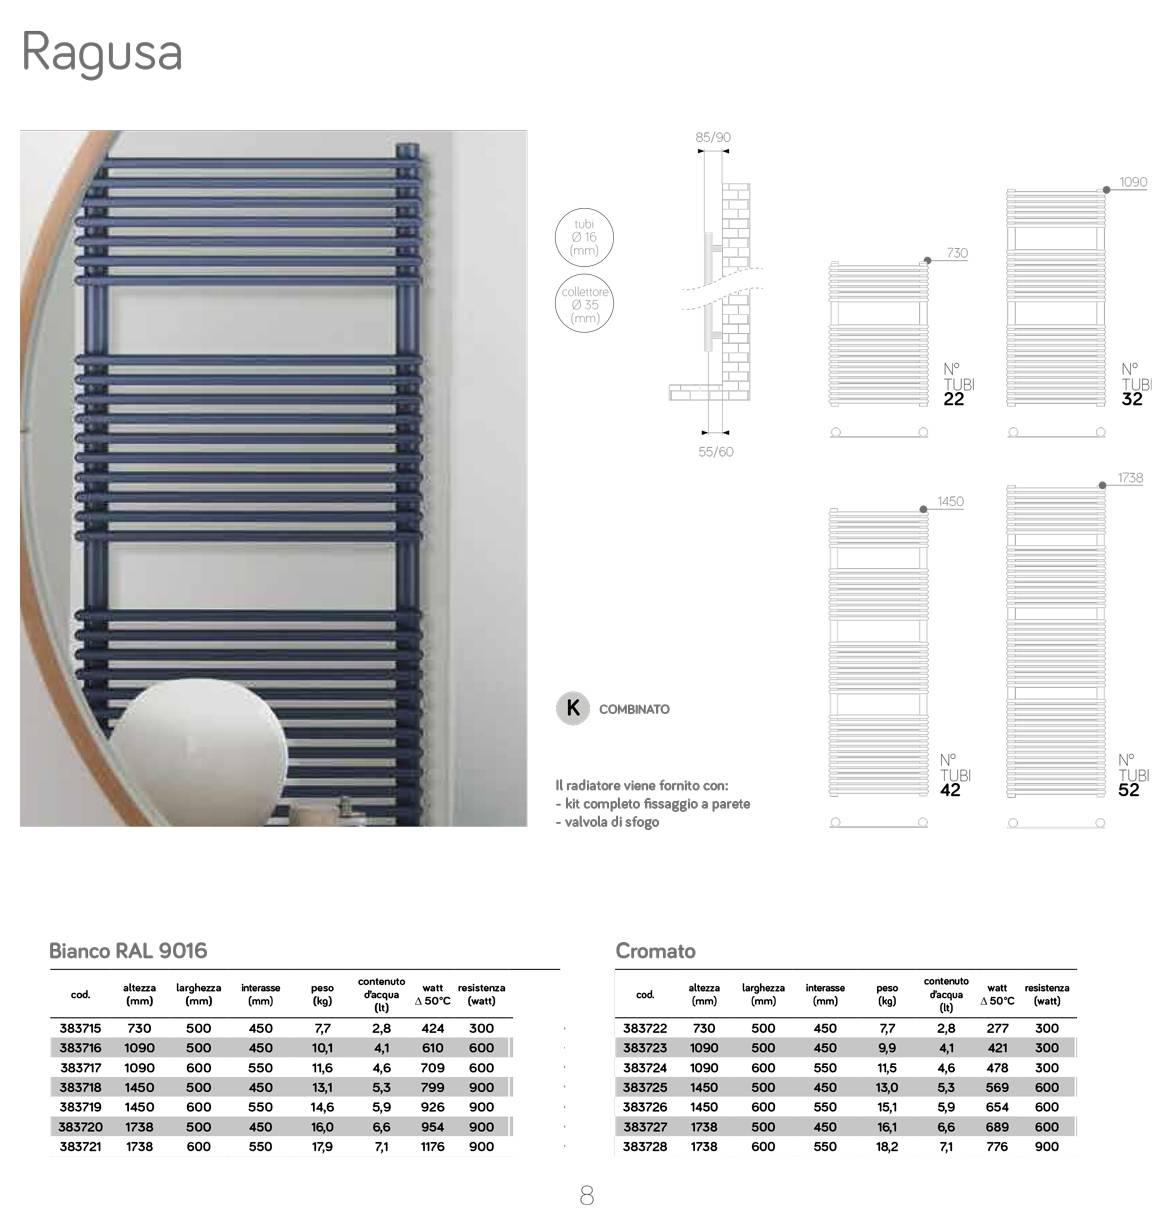 fiche-technique-sèche-serviettes-ragusa-lazzarini